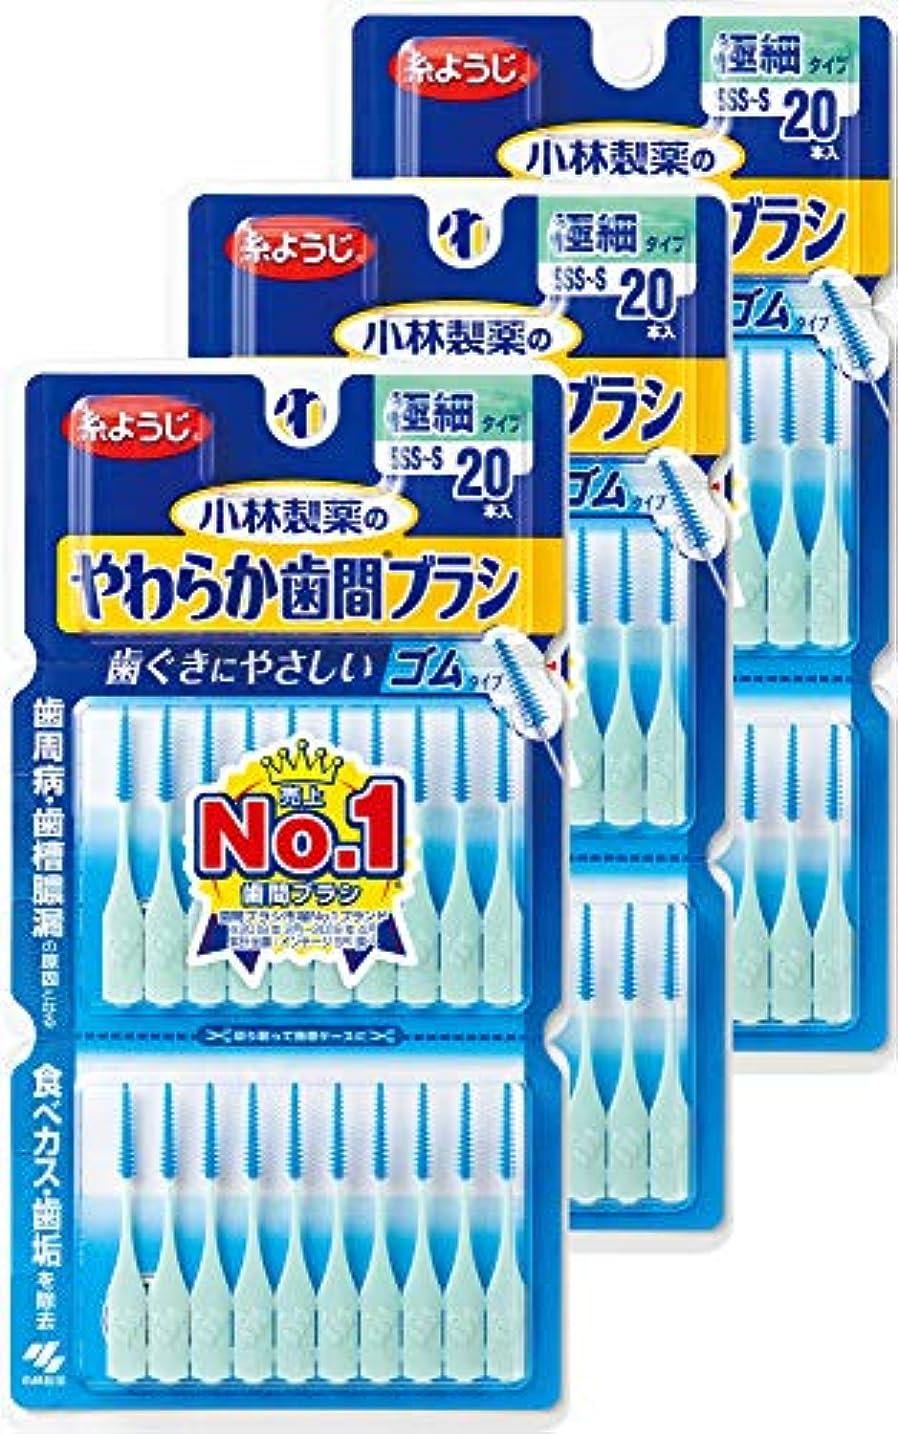 ファイルドナー怖い【まとめ買い】小林製薬のやわらか歯間ブラシ 極細タイプ SSS-Sサイズ 20本 ゴムタイプ(糸ようじブランド)×3個